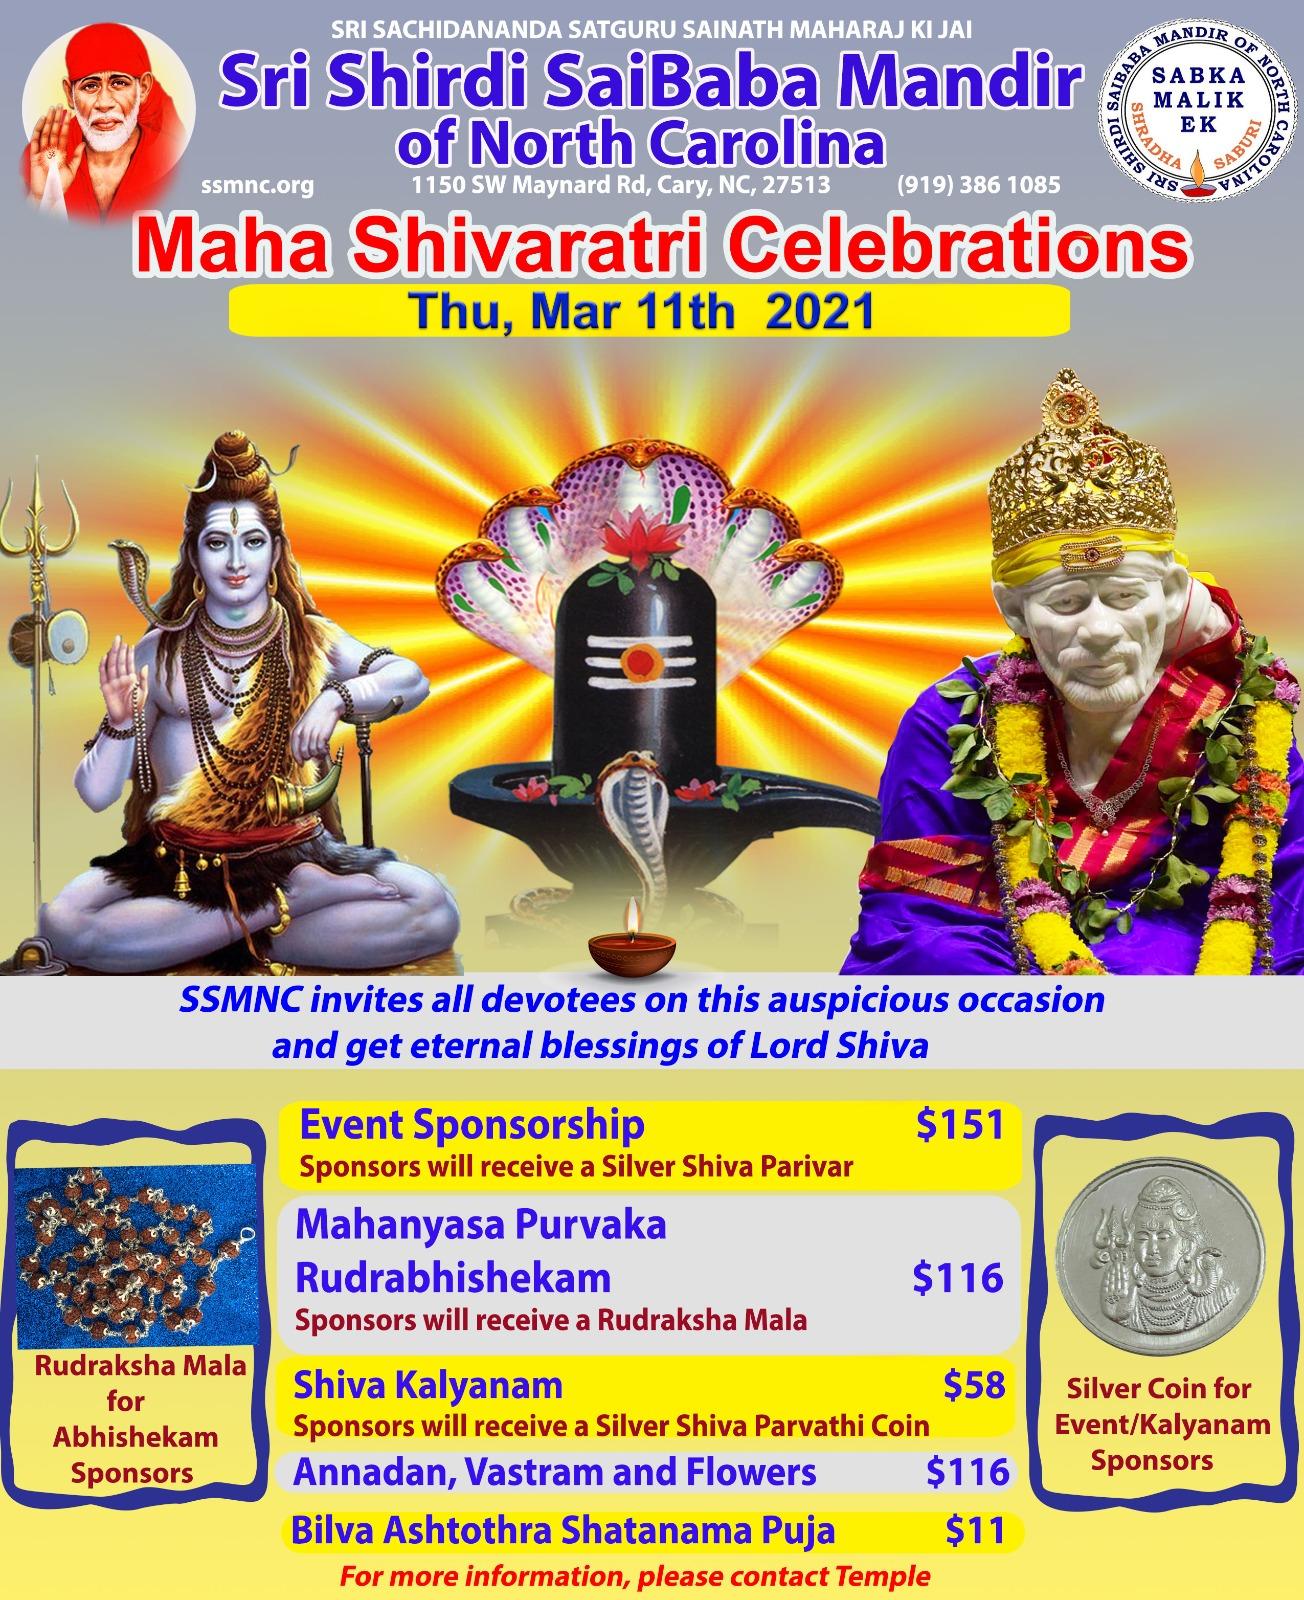 SSMNC_Shivaratri_2021.jpeg